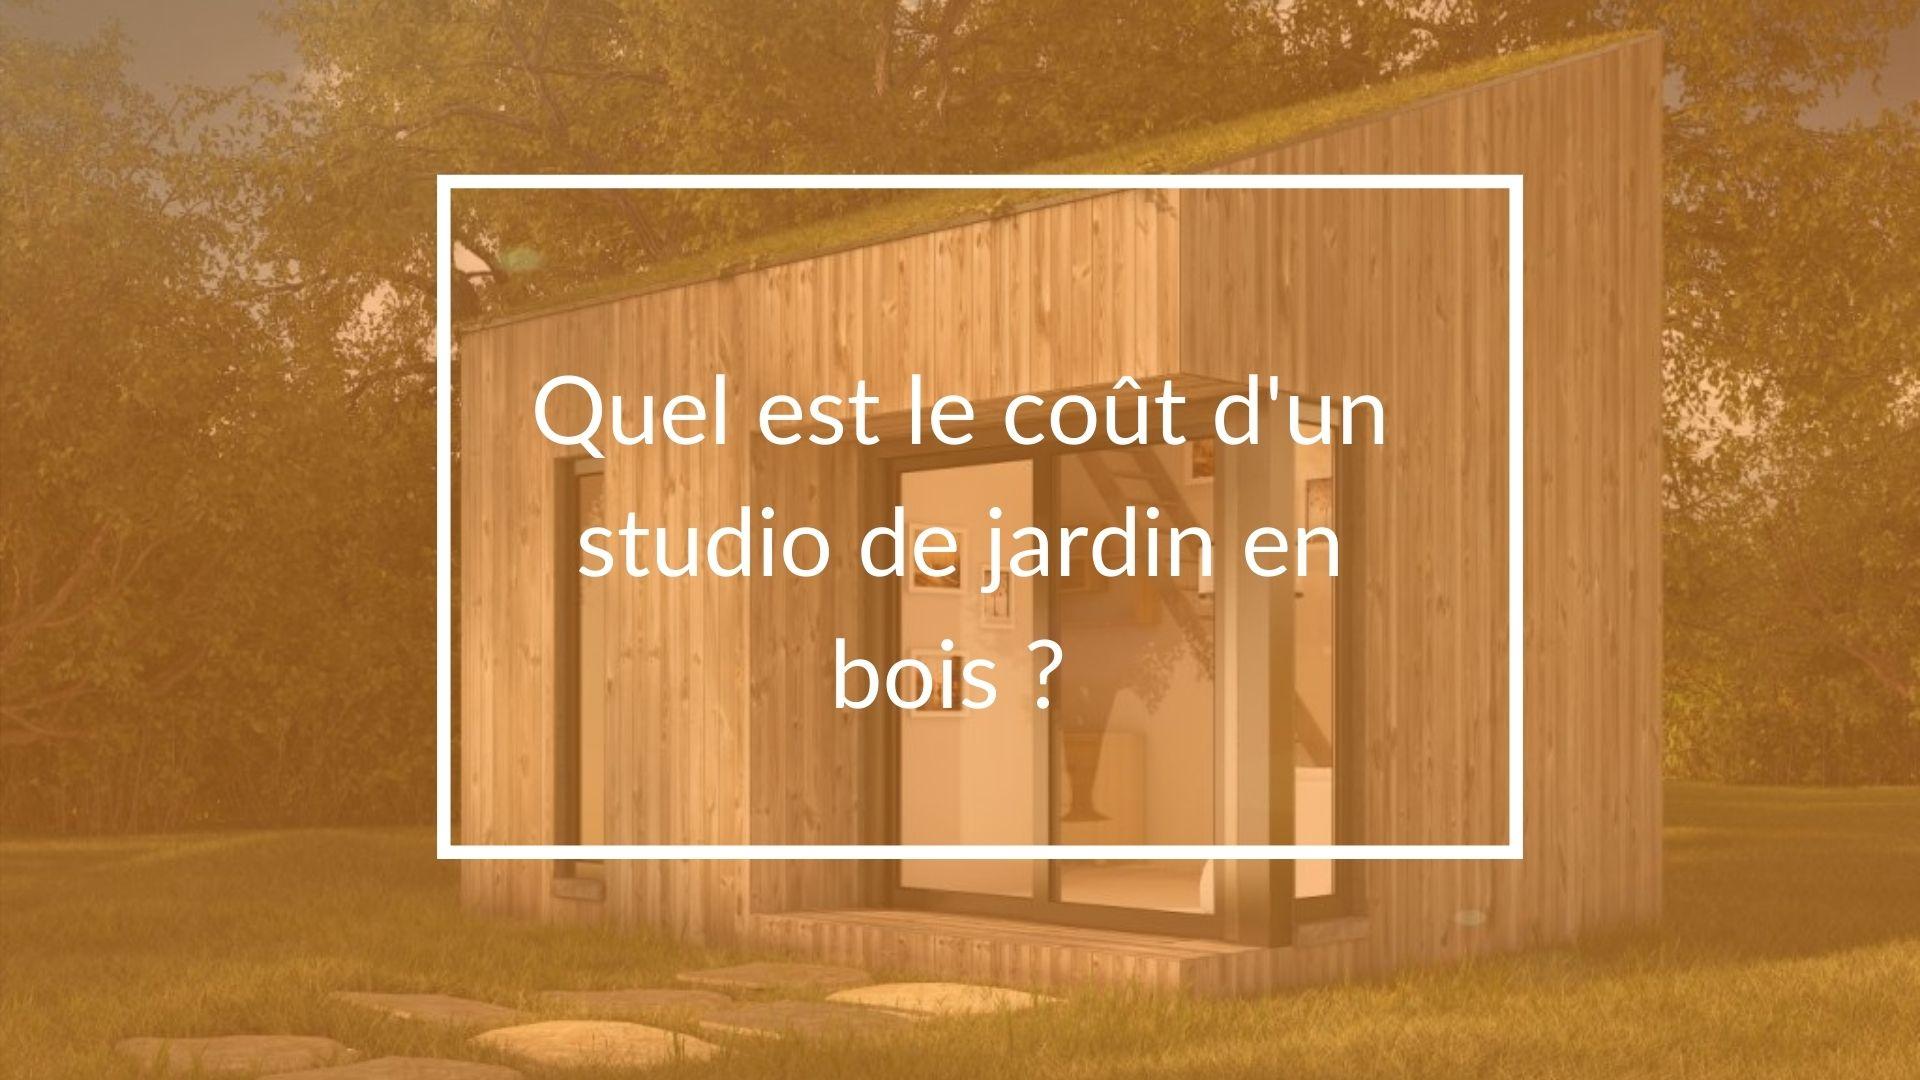 Quel est le coût d'un studio de jardin en bois ?